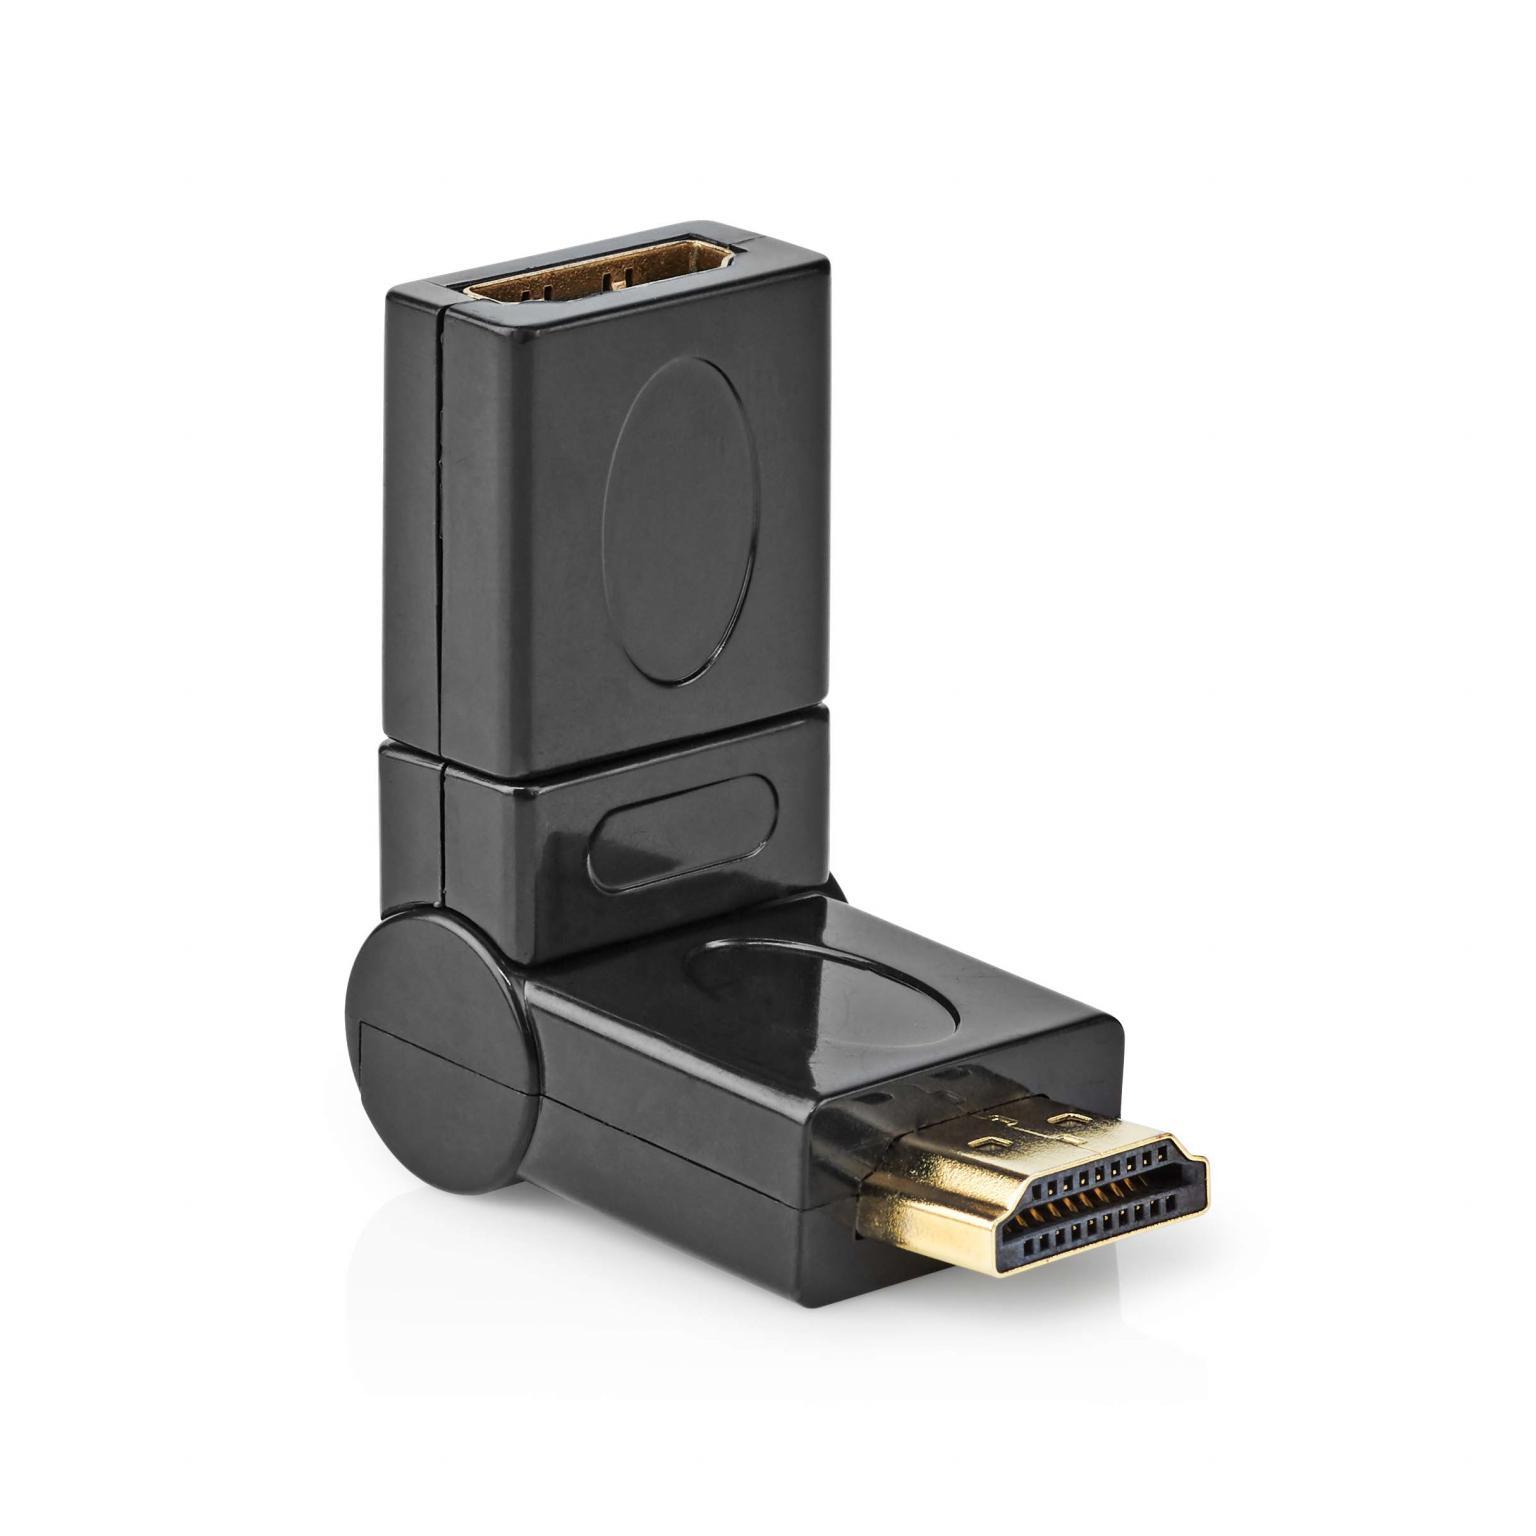 HDMI A-A Verloopstekker 360° DRAAIBAAR Verguld: Ja